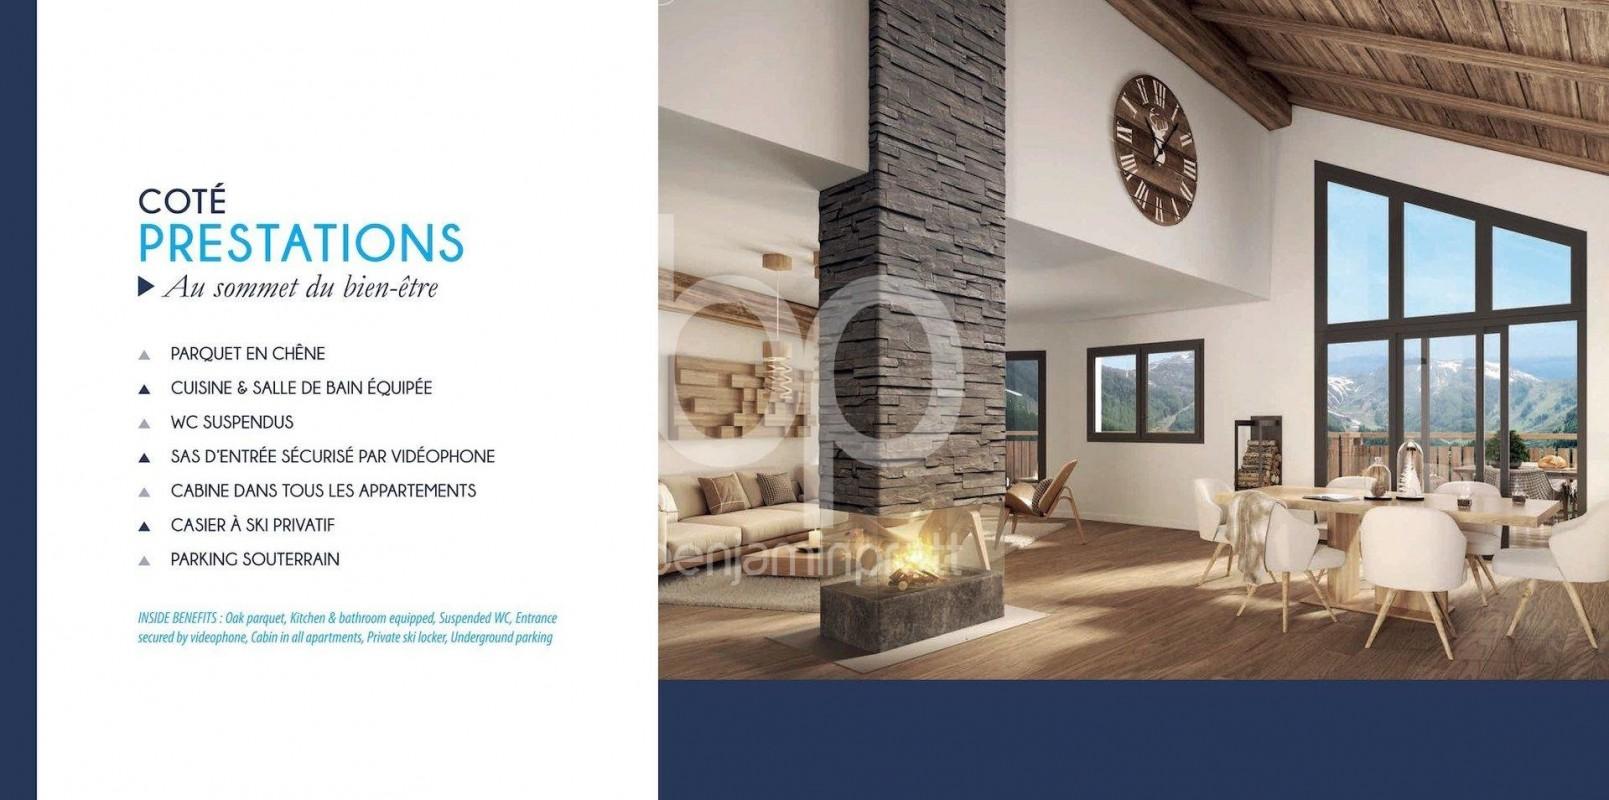 Kaufen Sie Ihre Traum-Immobilie in Auron Frankreich Département Alpes-de-Haute-Provence. Bezahlung in Bitcoin Ƀ möglich. Neubau doppelglasfenster, schwimmbad 11.2.2020 1706715 Der Traum vom Eigenheim.